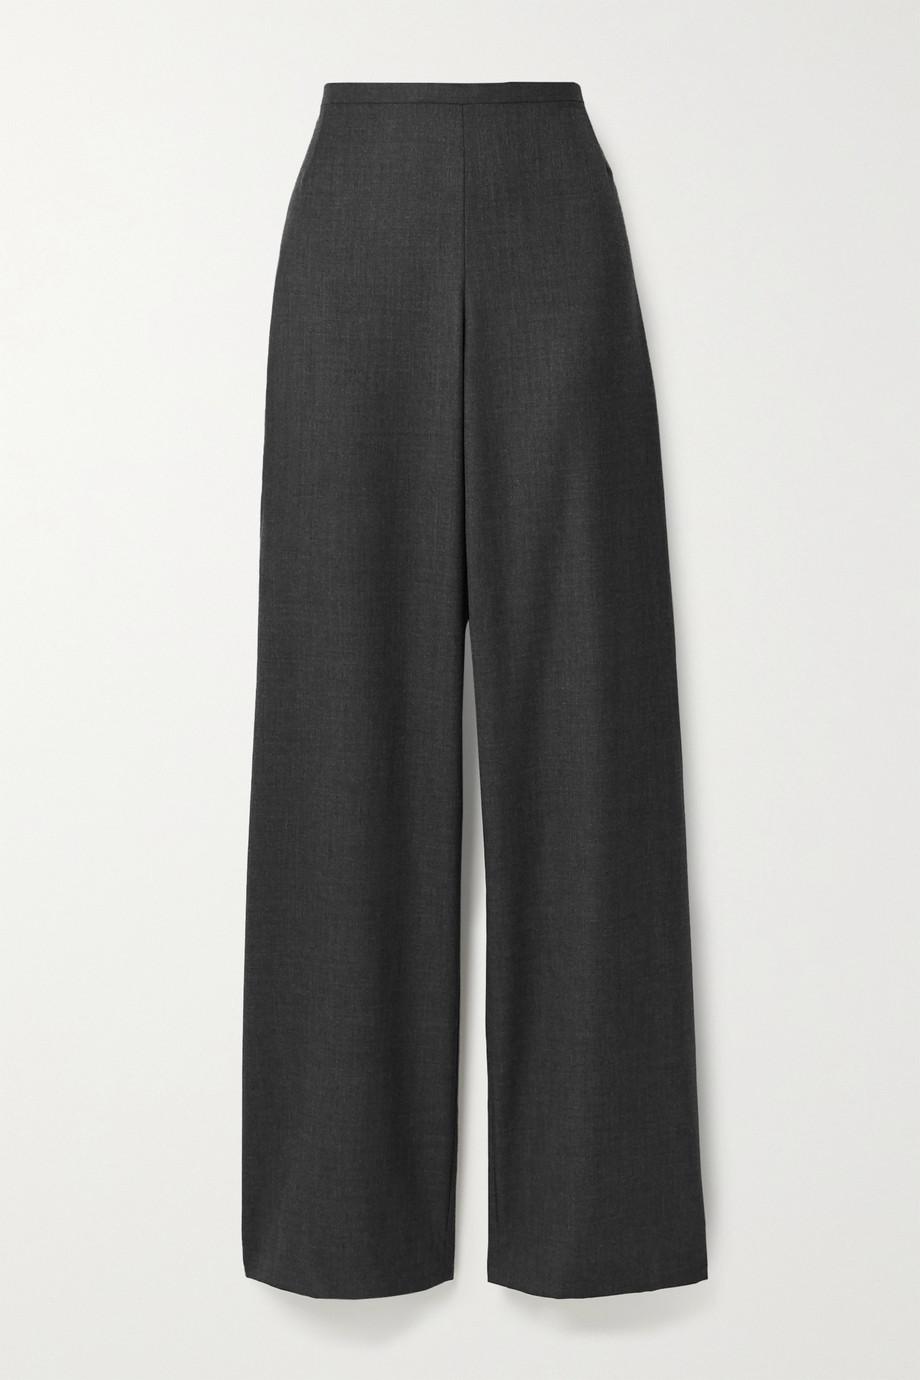 The Row Pantalon droit en serge de laine Roger